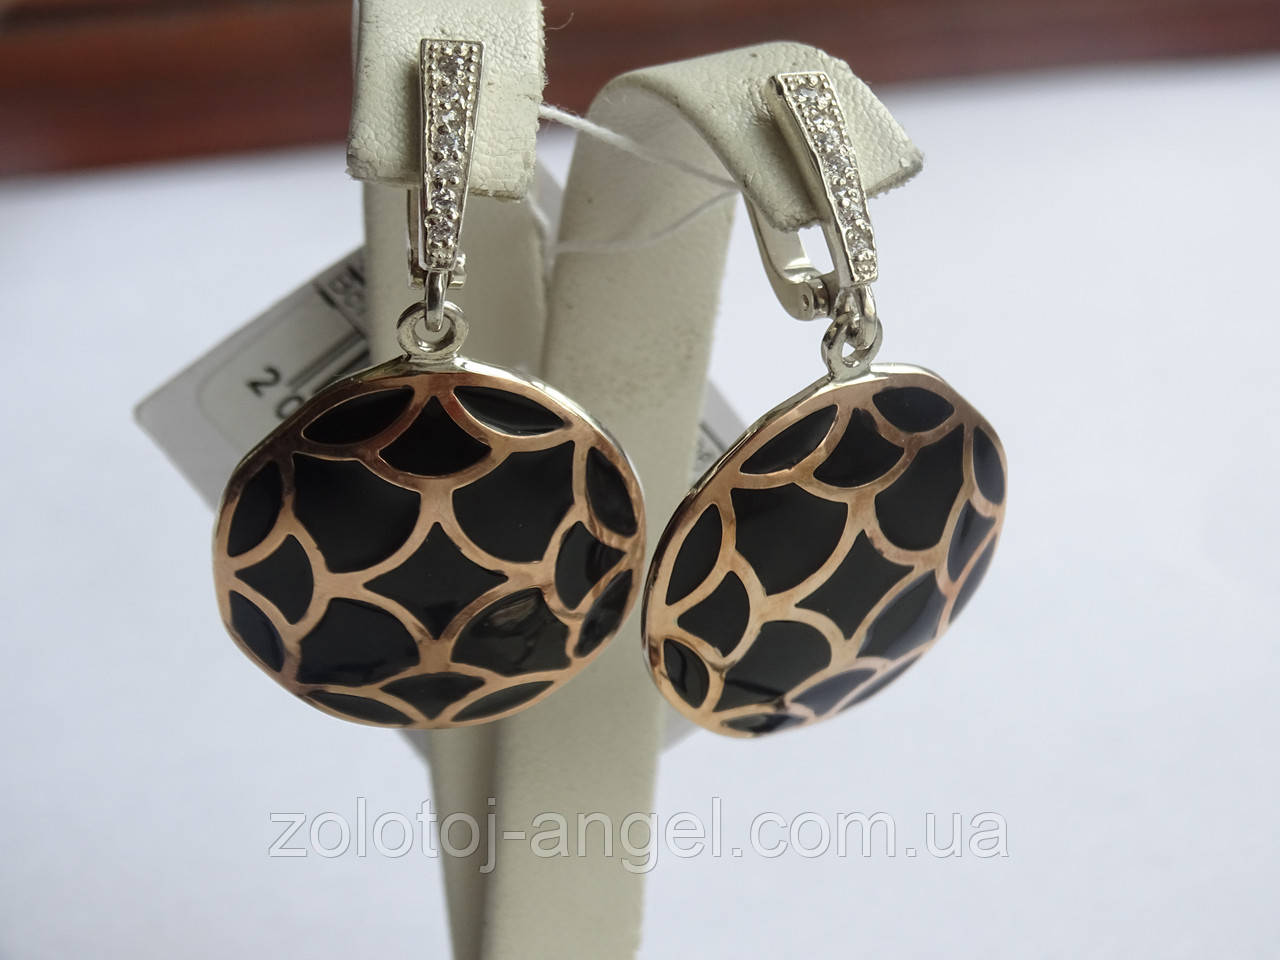 Серебряные серьги с золотой пластинкой и черной эмалью